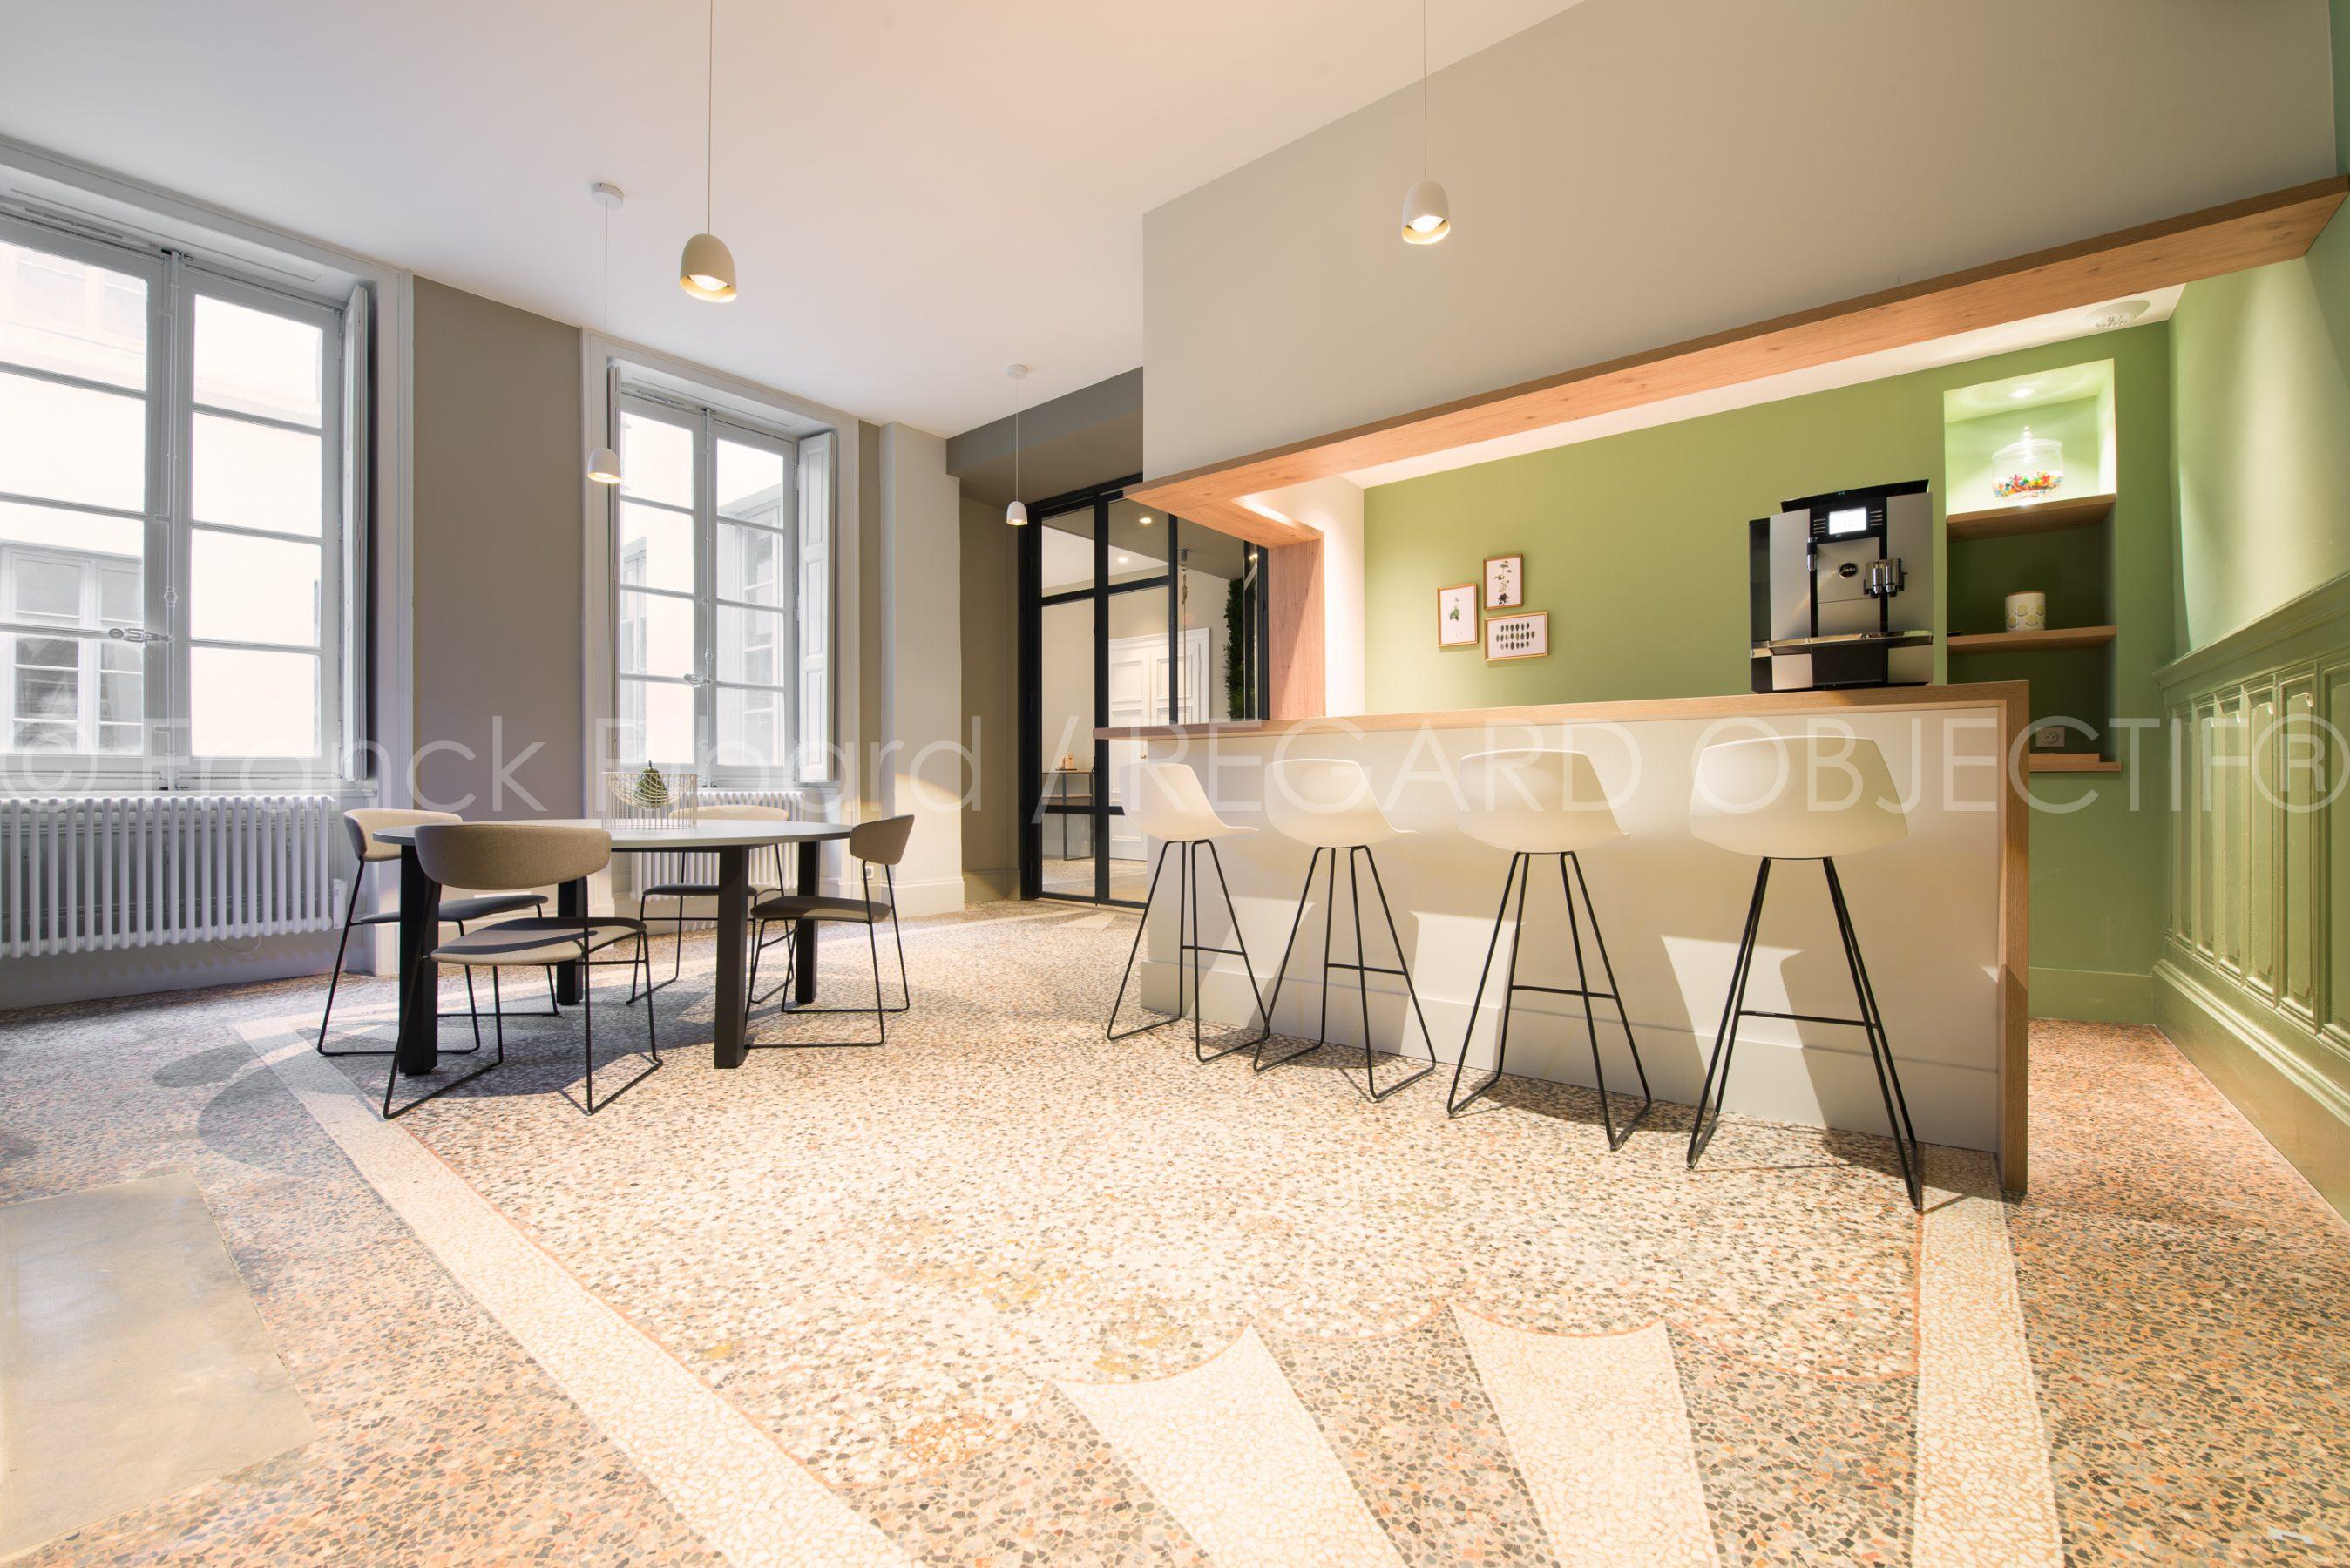 photographie de franck ribard - regard objectif - photographe architecture lyon - Maison Lassagne